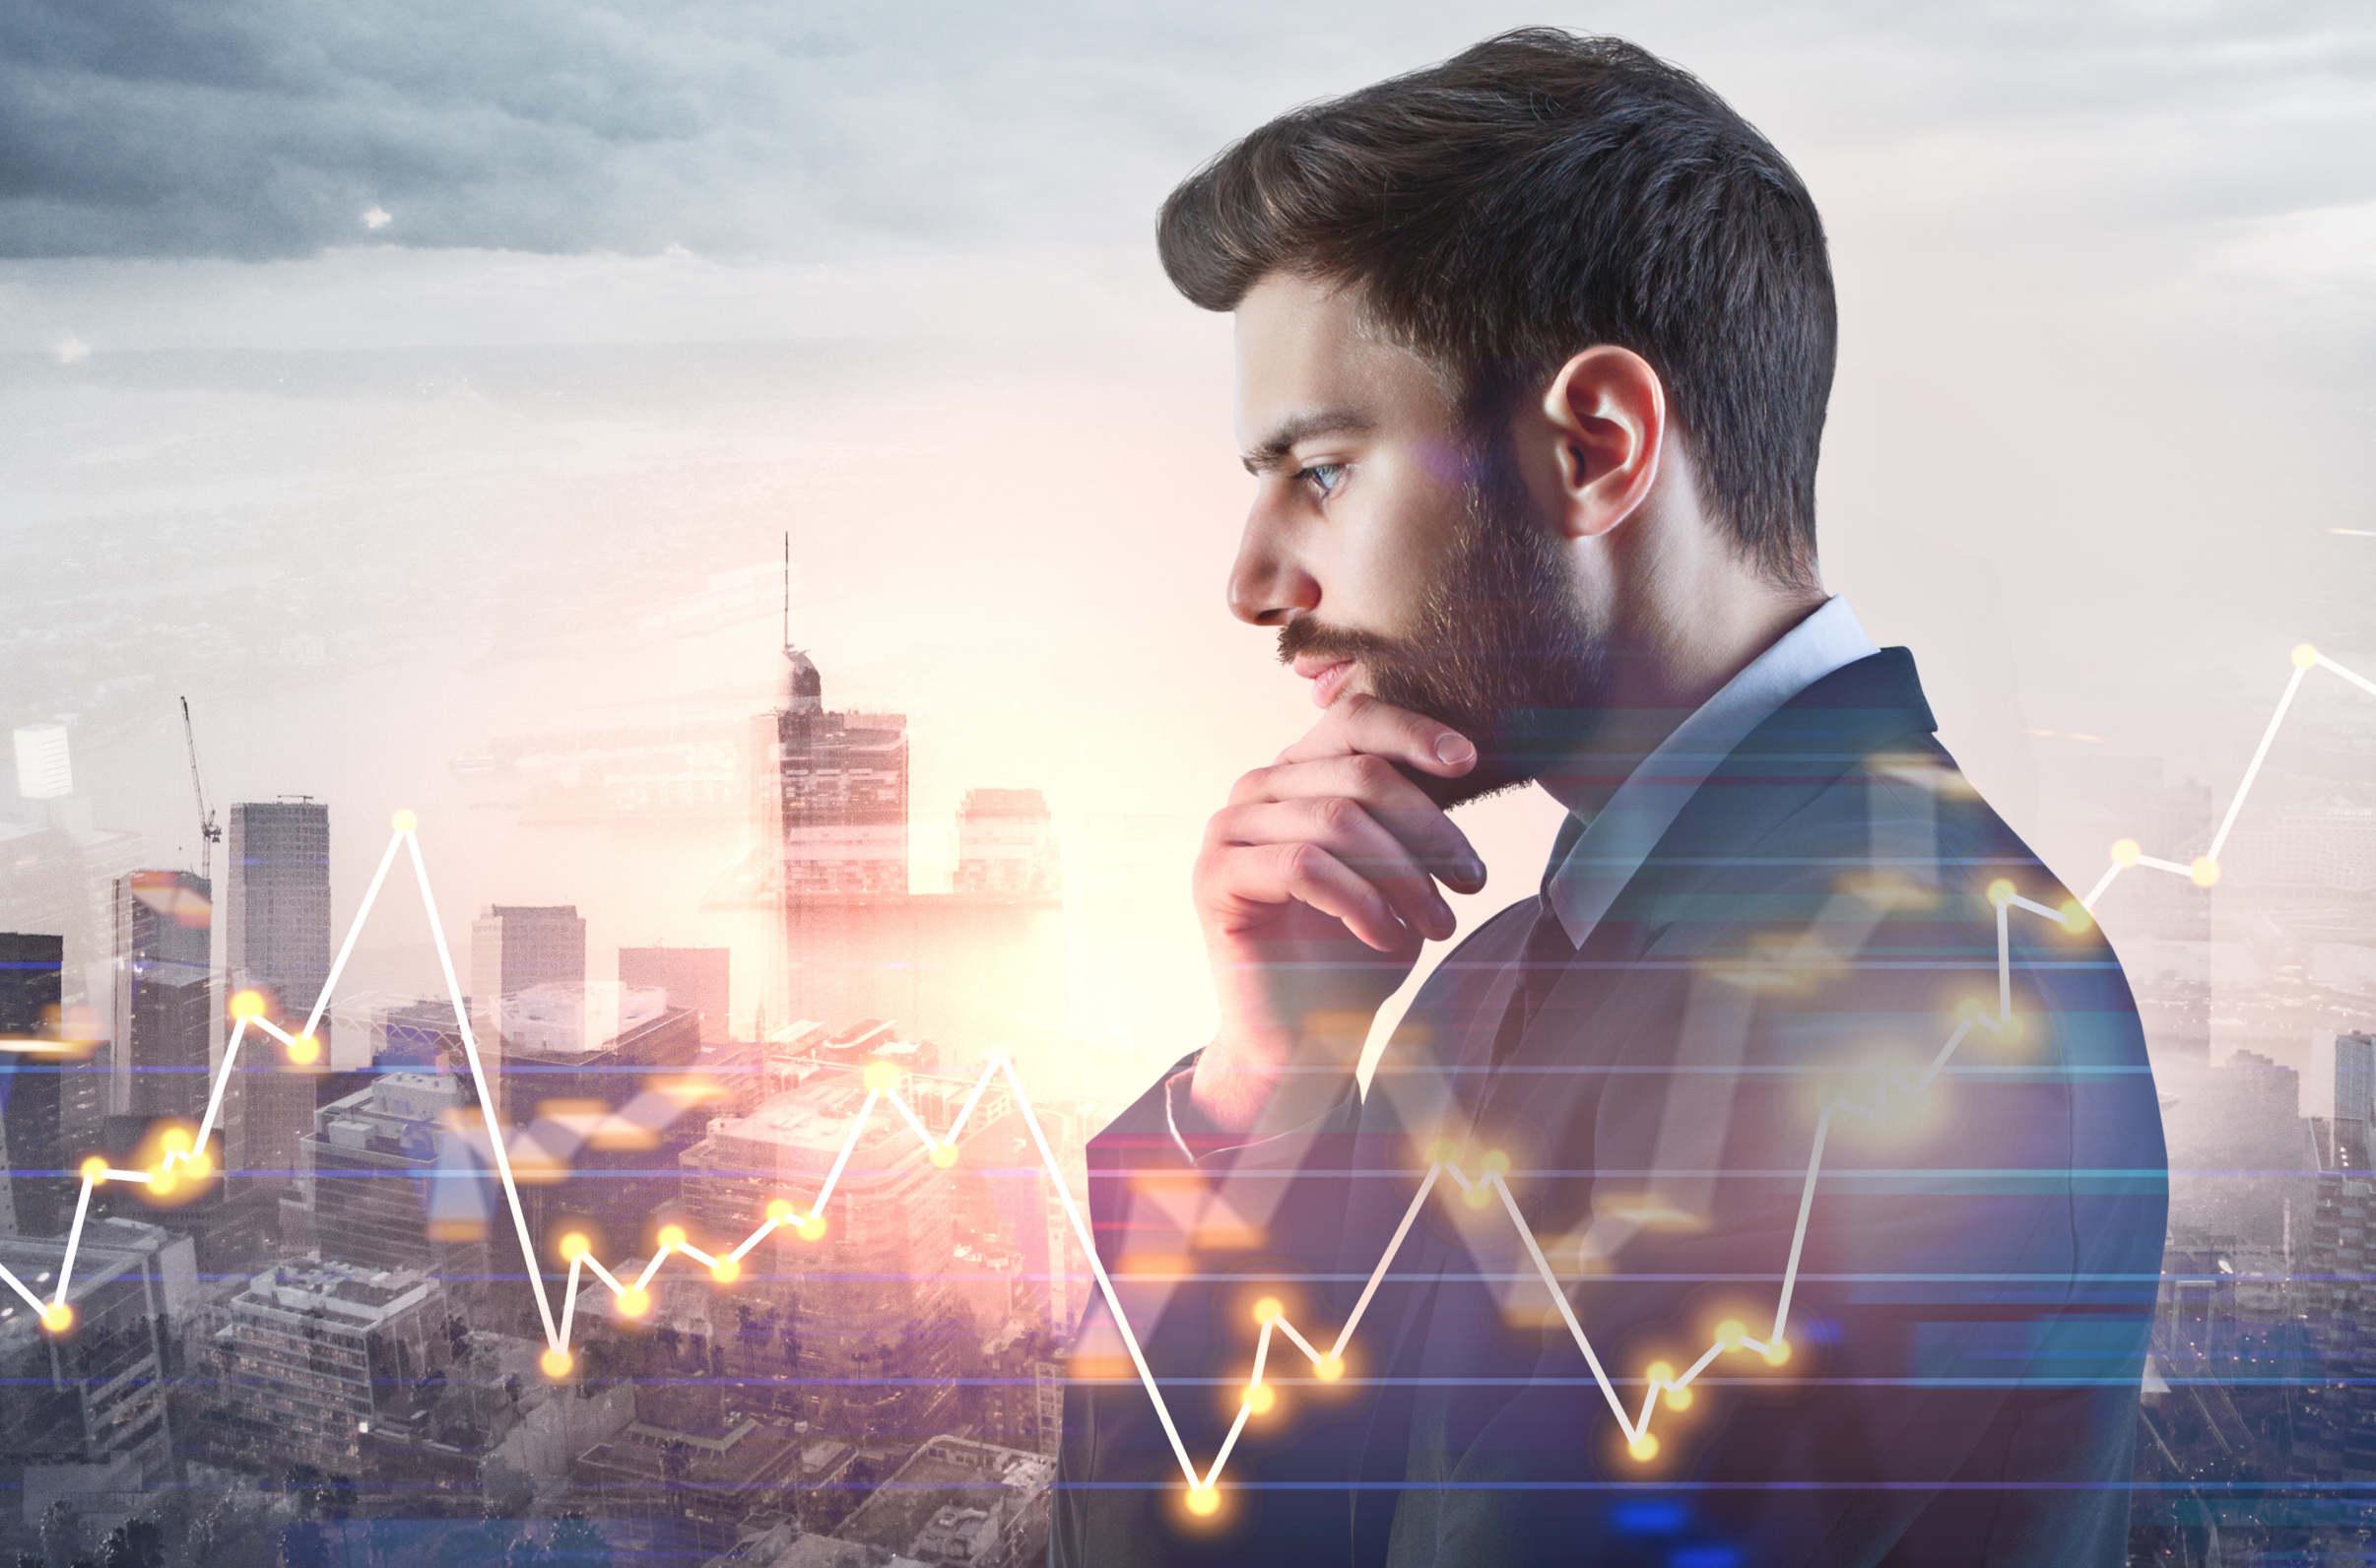 homem olhando para um gráfico do mercado futuro de bitcoin